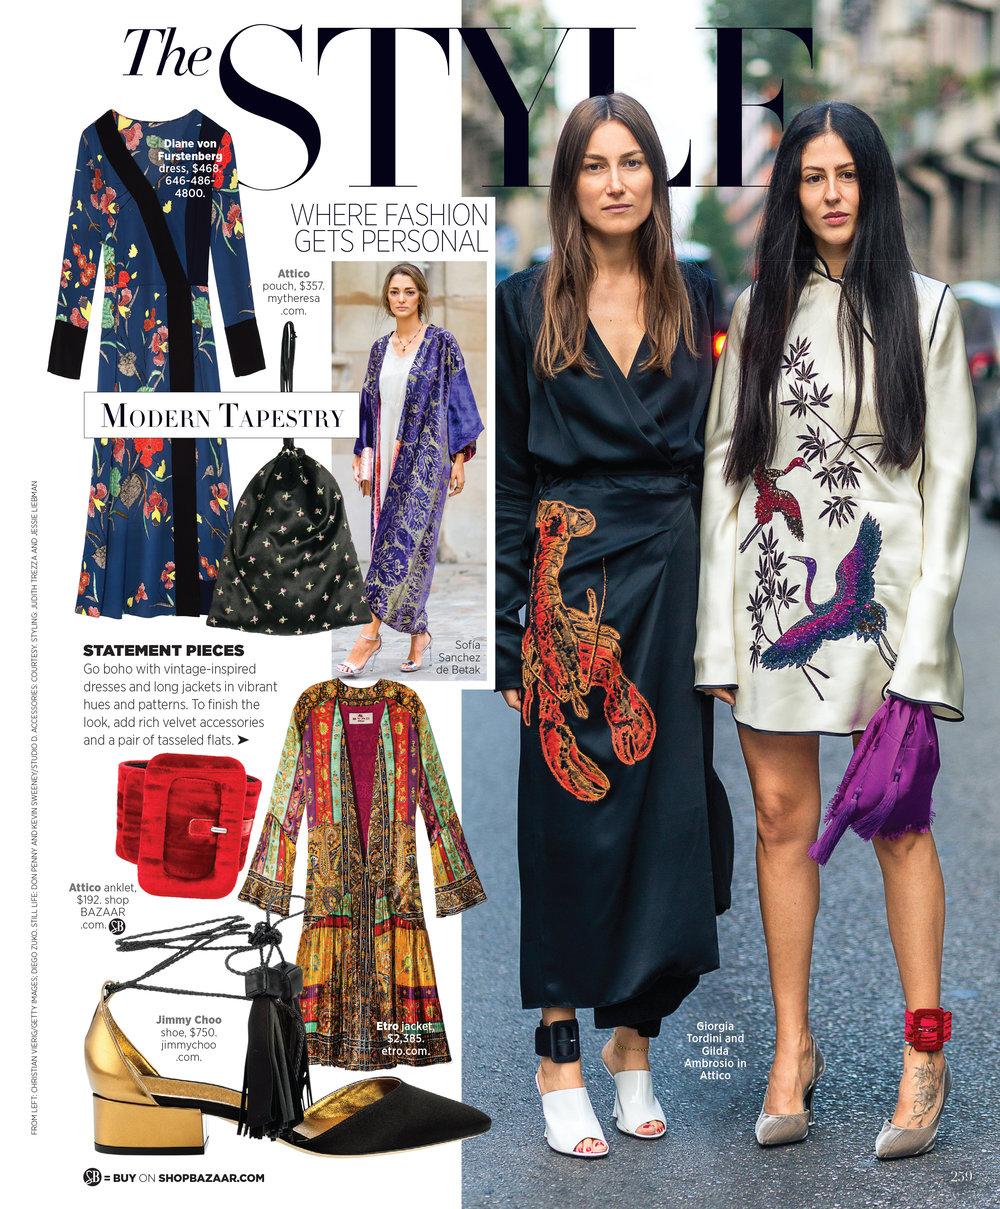 The STYLE Harper's Bazaar US print -